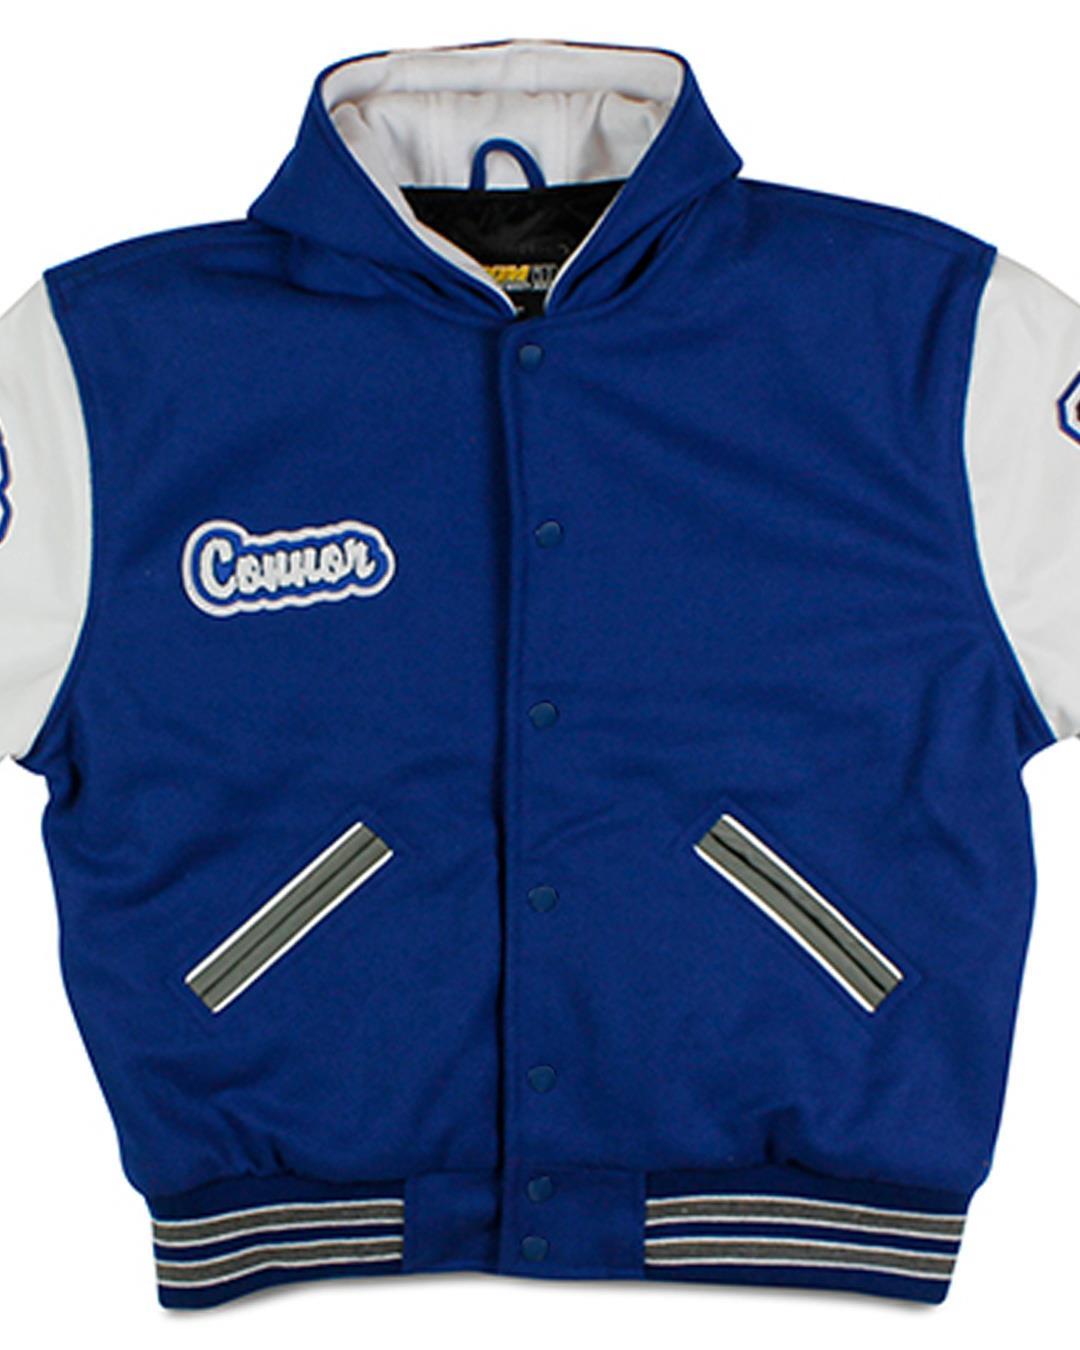 Bellevue Christian School Letterman Jacket, Bellevue WA - Front 3